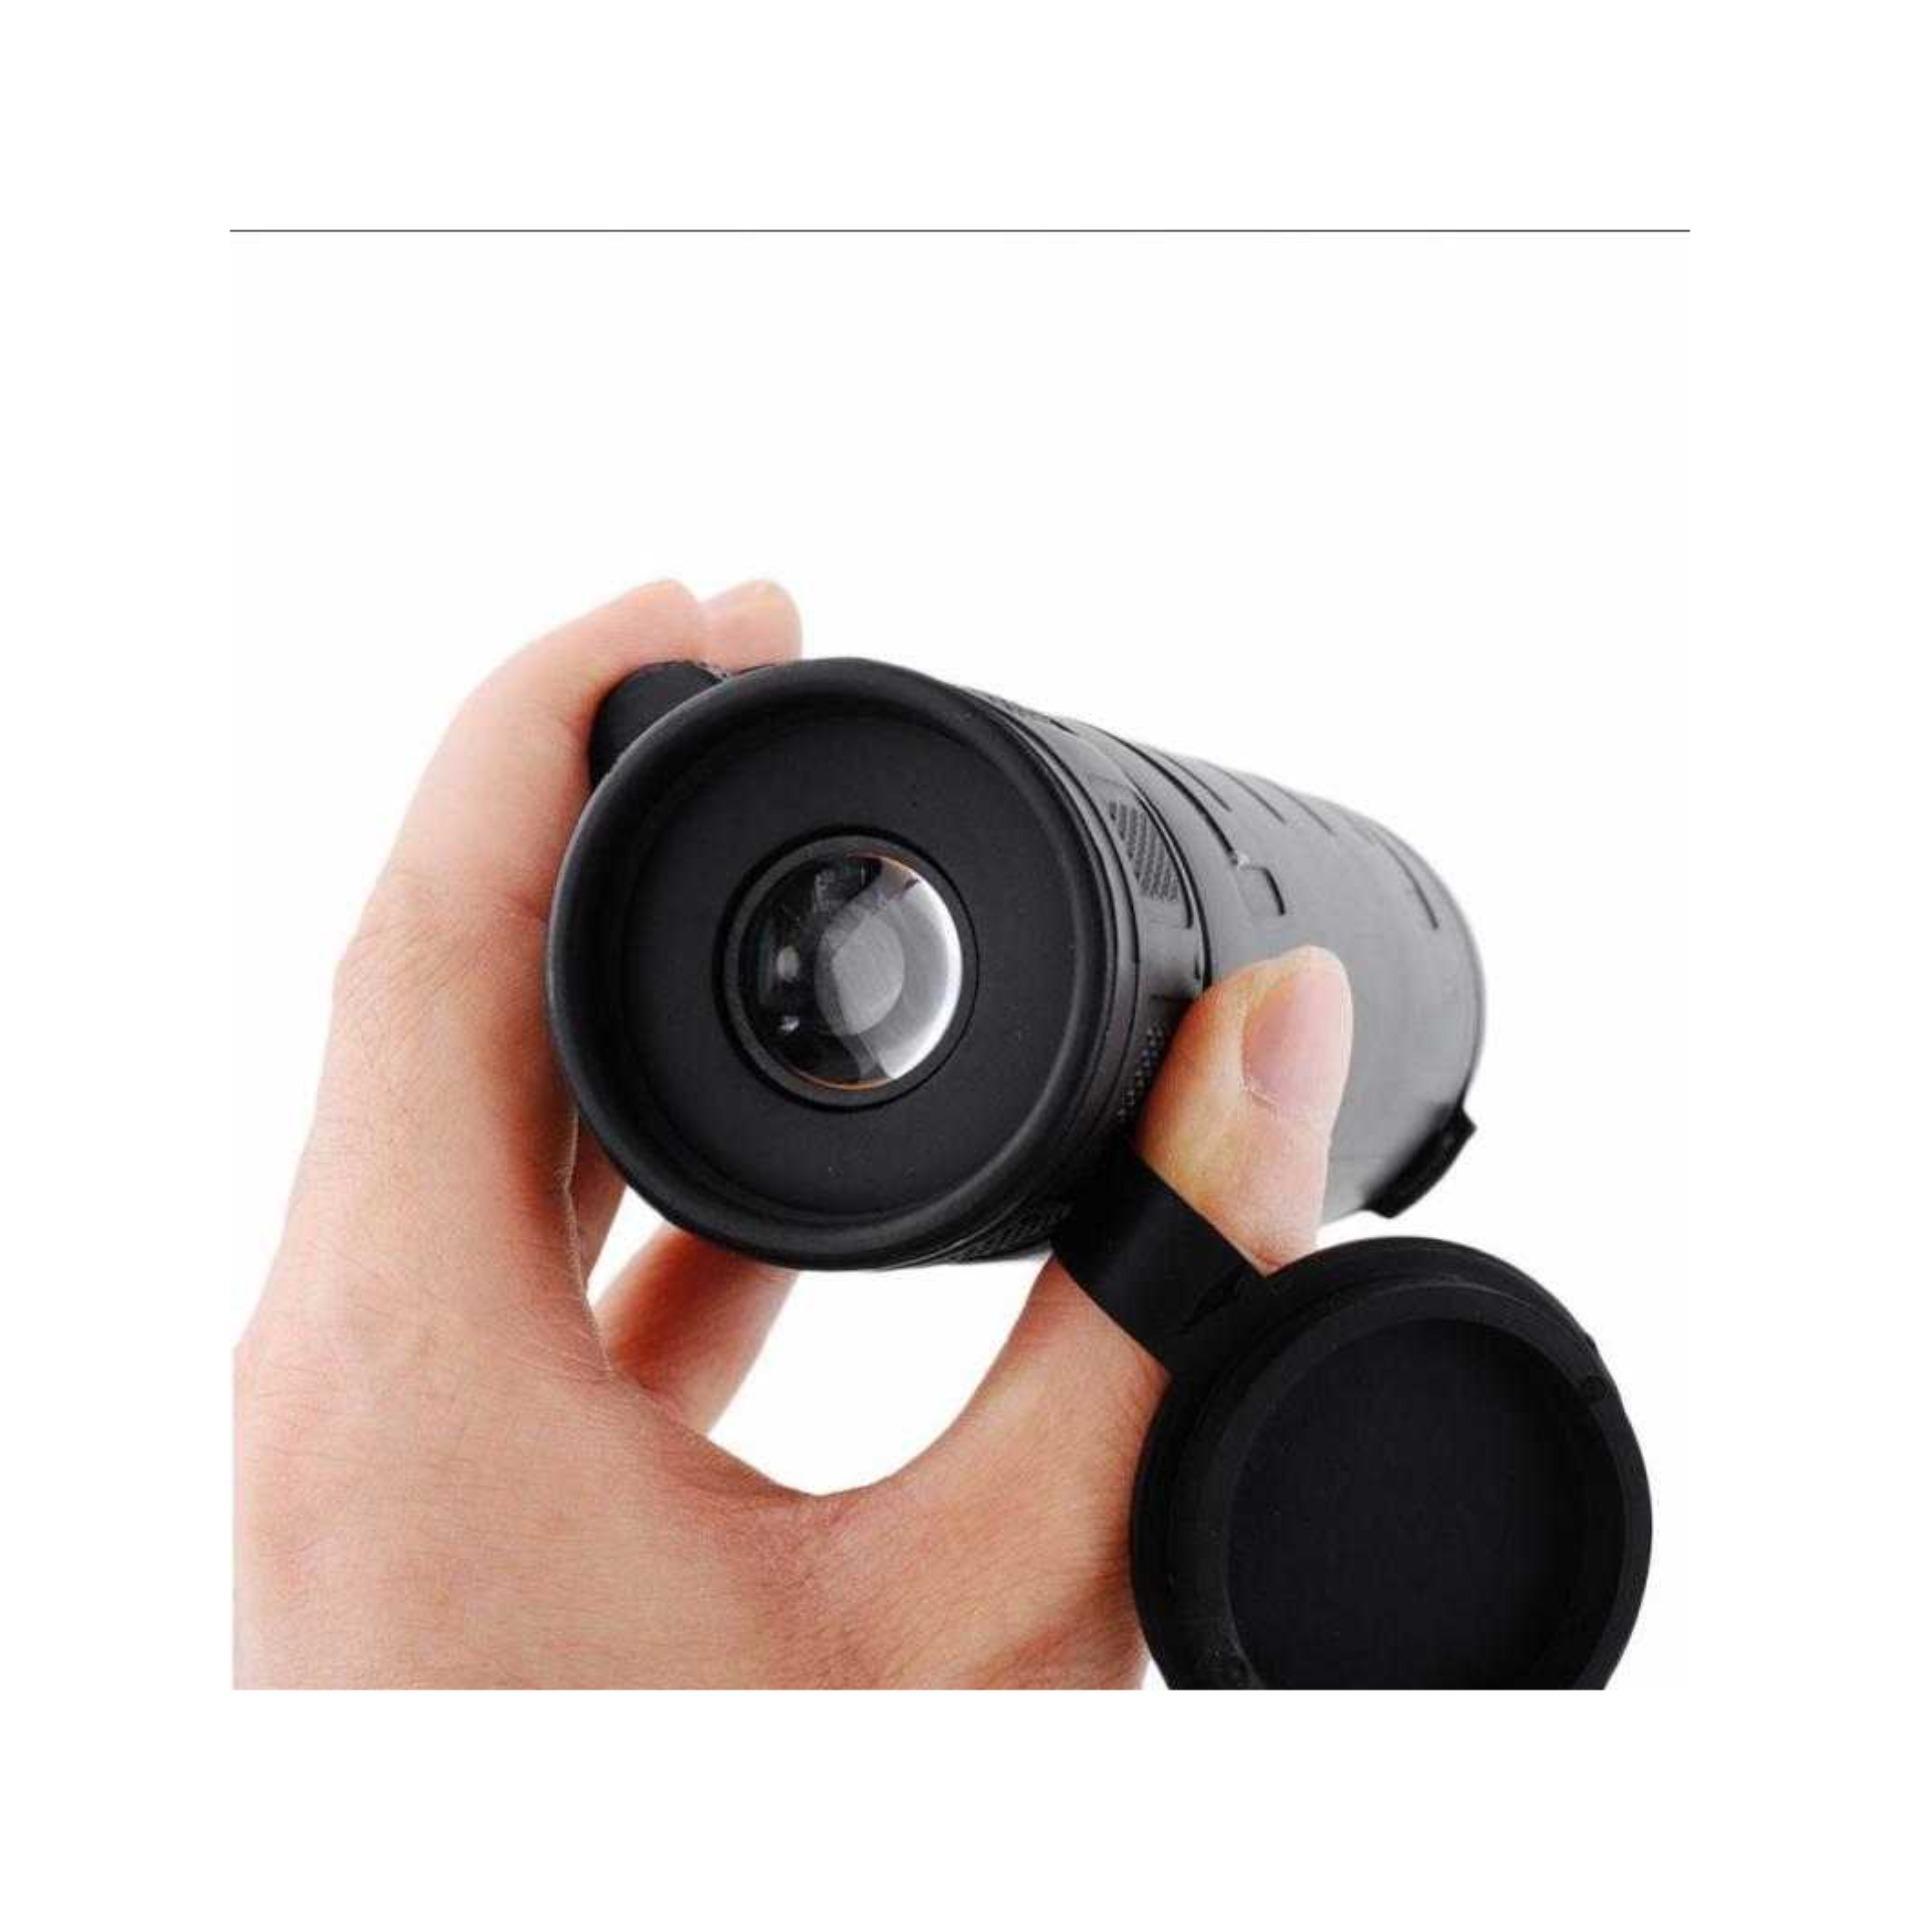 Mua Ống Nhòm , PANDA Binoculars ,Ống Nhòm Đo Khoảng Cách, Gọn, Nhẹ, Thời Trang